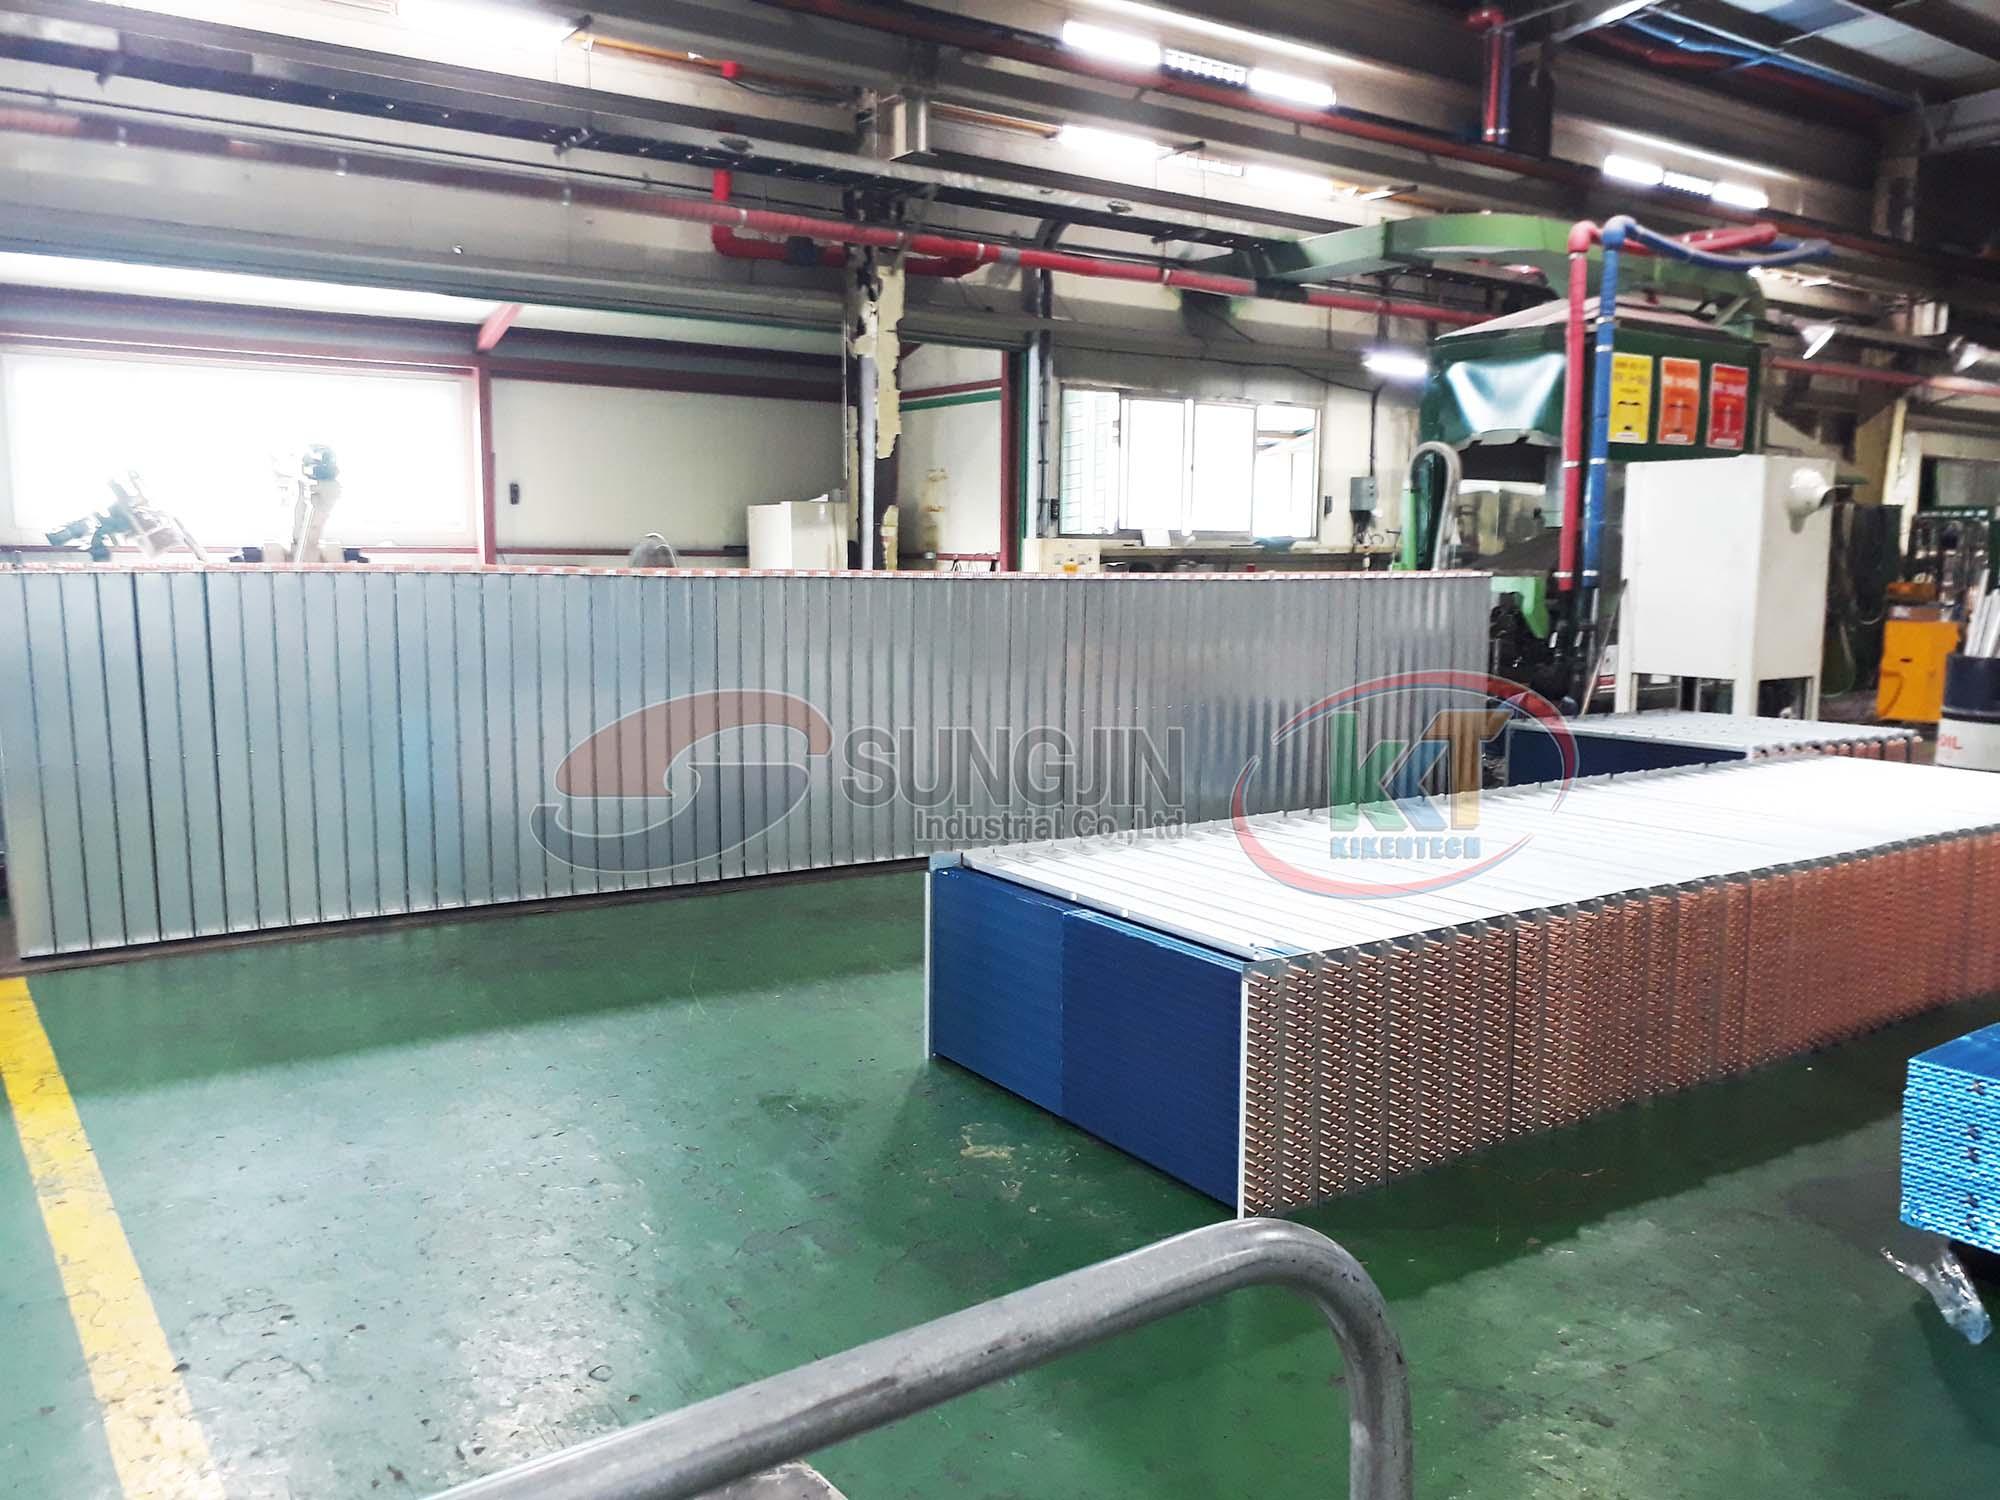 2Tham quan xưởng sản xuất, xưởng lắp đặt, kho máy móc của Sungjin tại Hàn Quốc